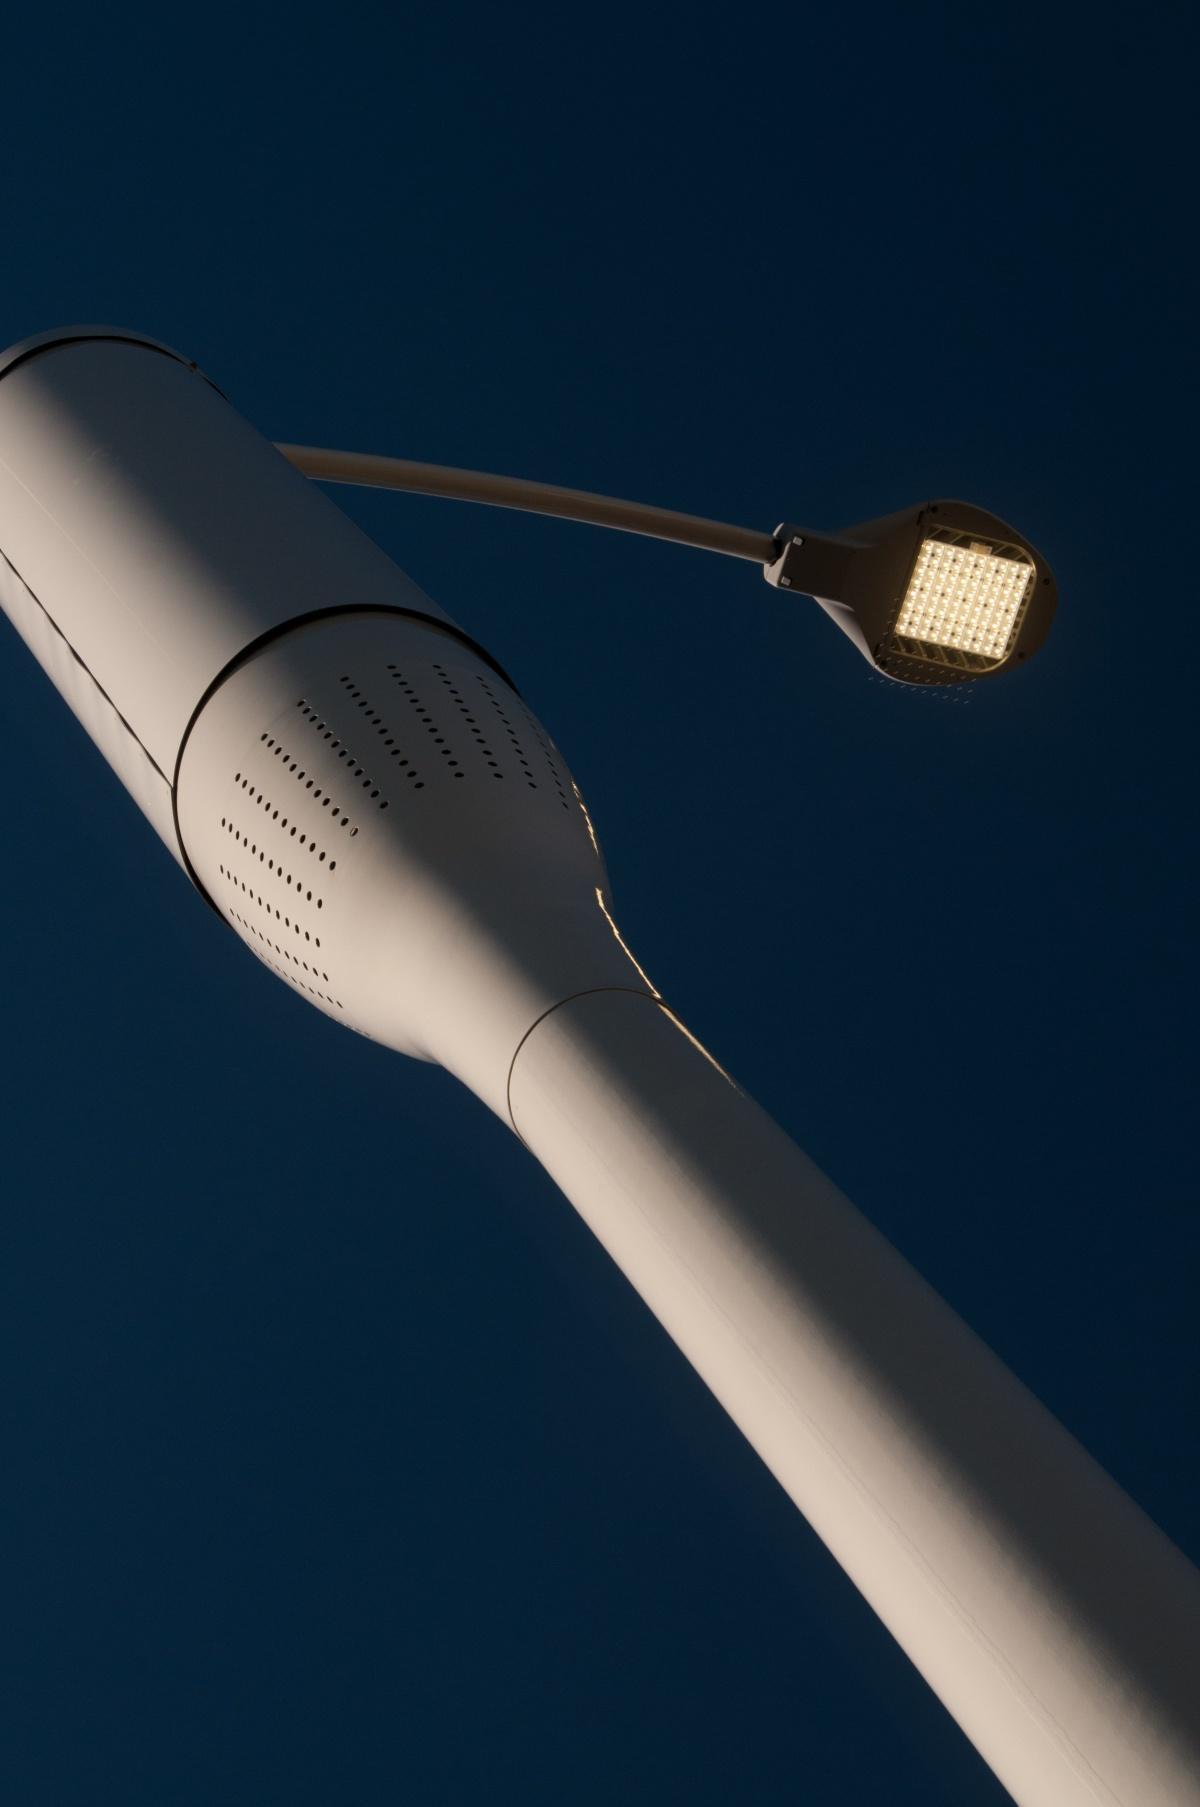 novedoso sistema de iluminacion de las farolas con cobertura 4g